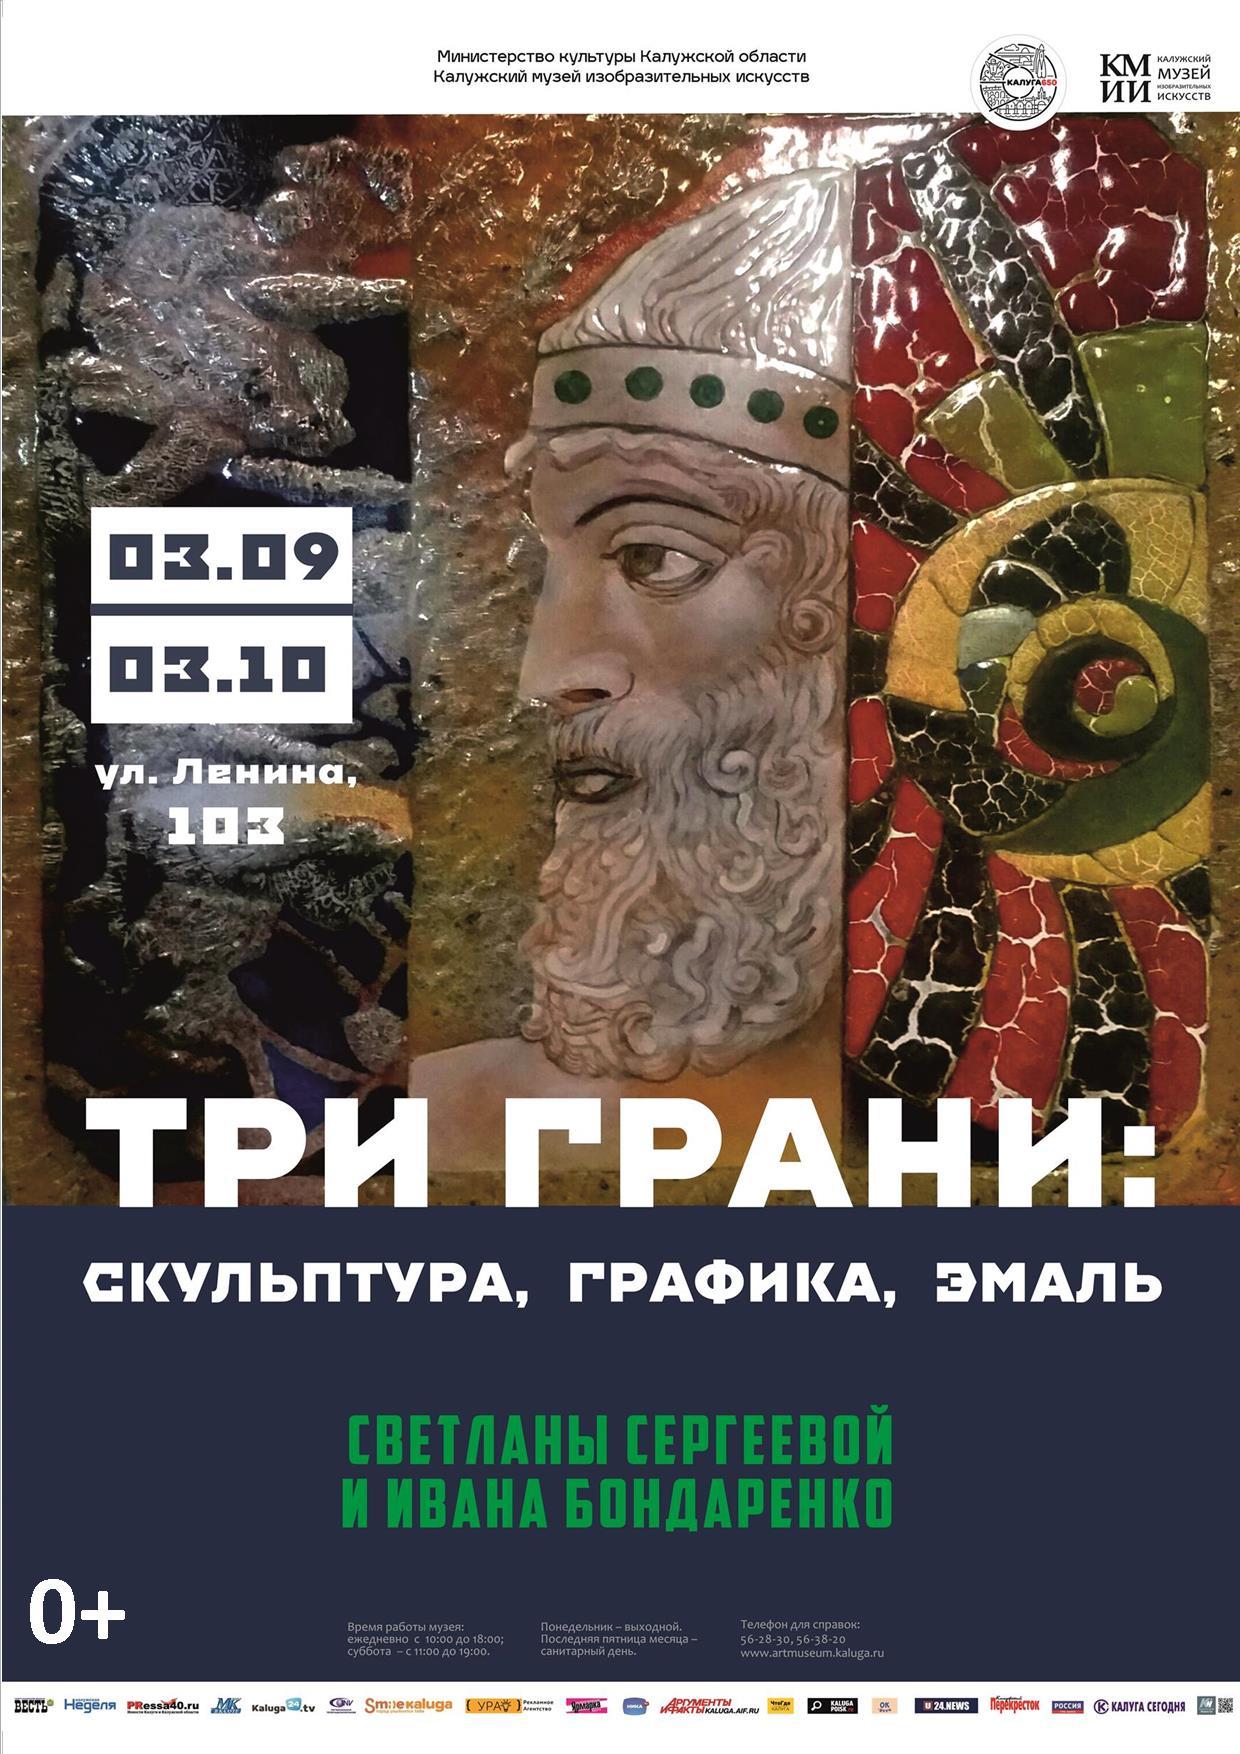 Выставка Светланы Сергеевой и Ивана Бондаренко «Три грани». Скульптура, графика, эмаль.